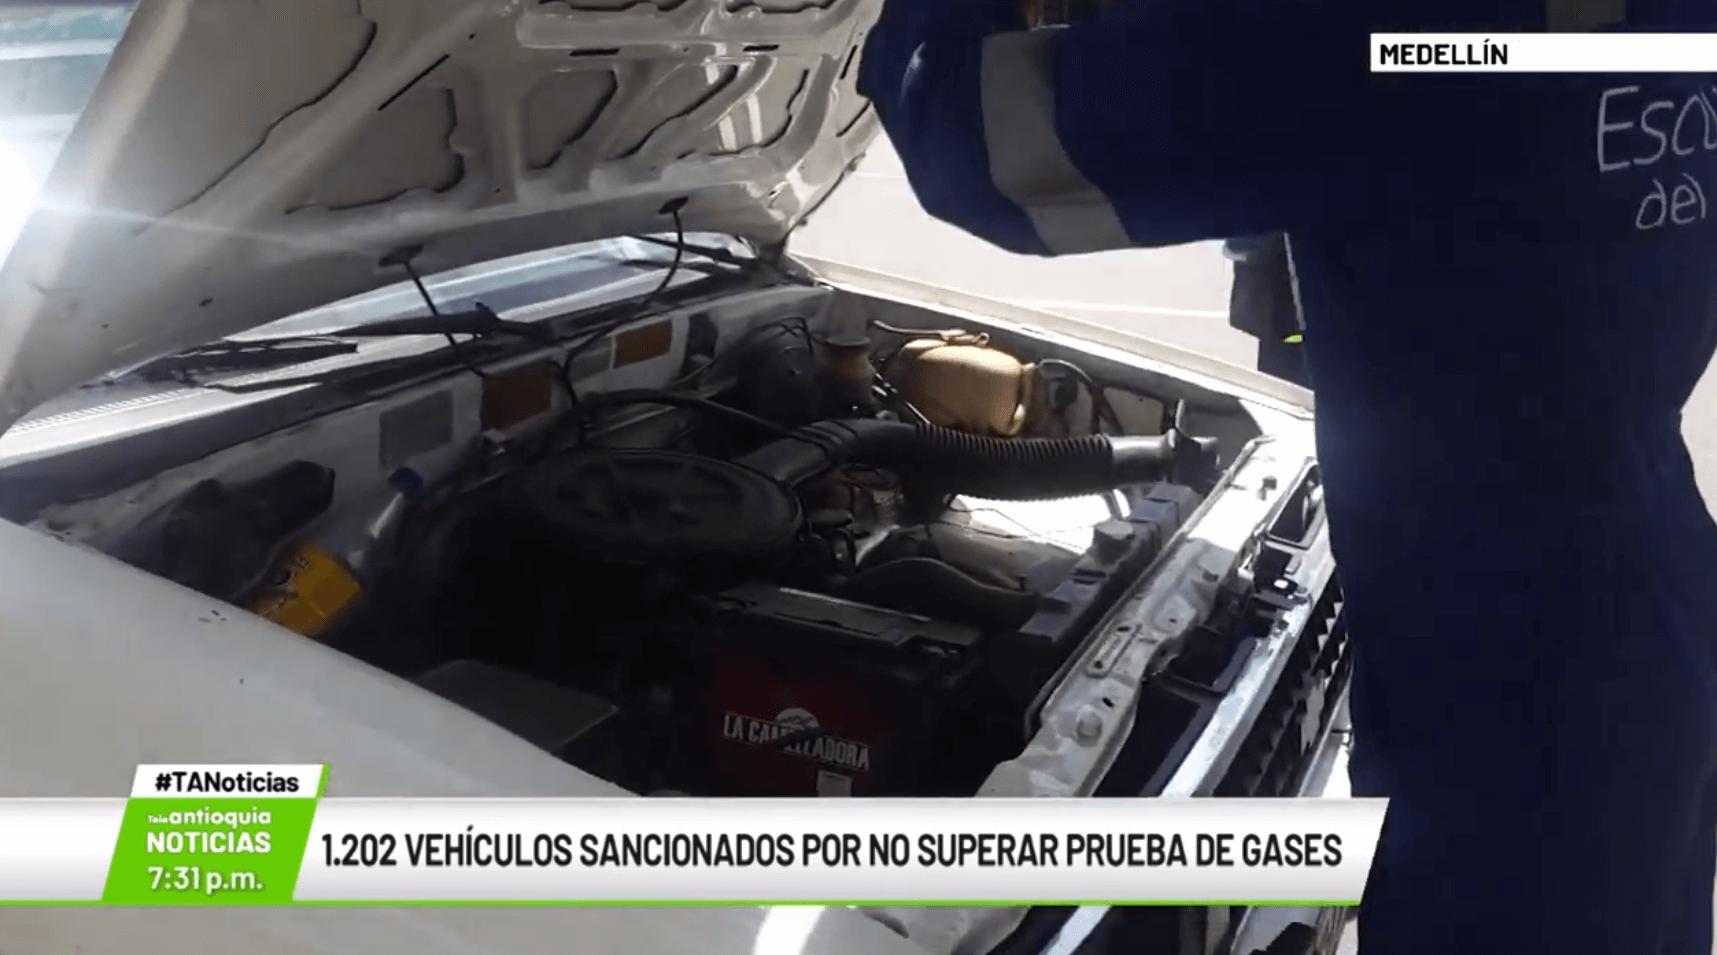 1.202 vehículos sancionados por no superar prueba de gases